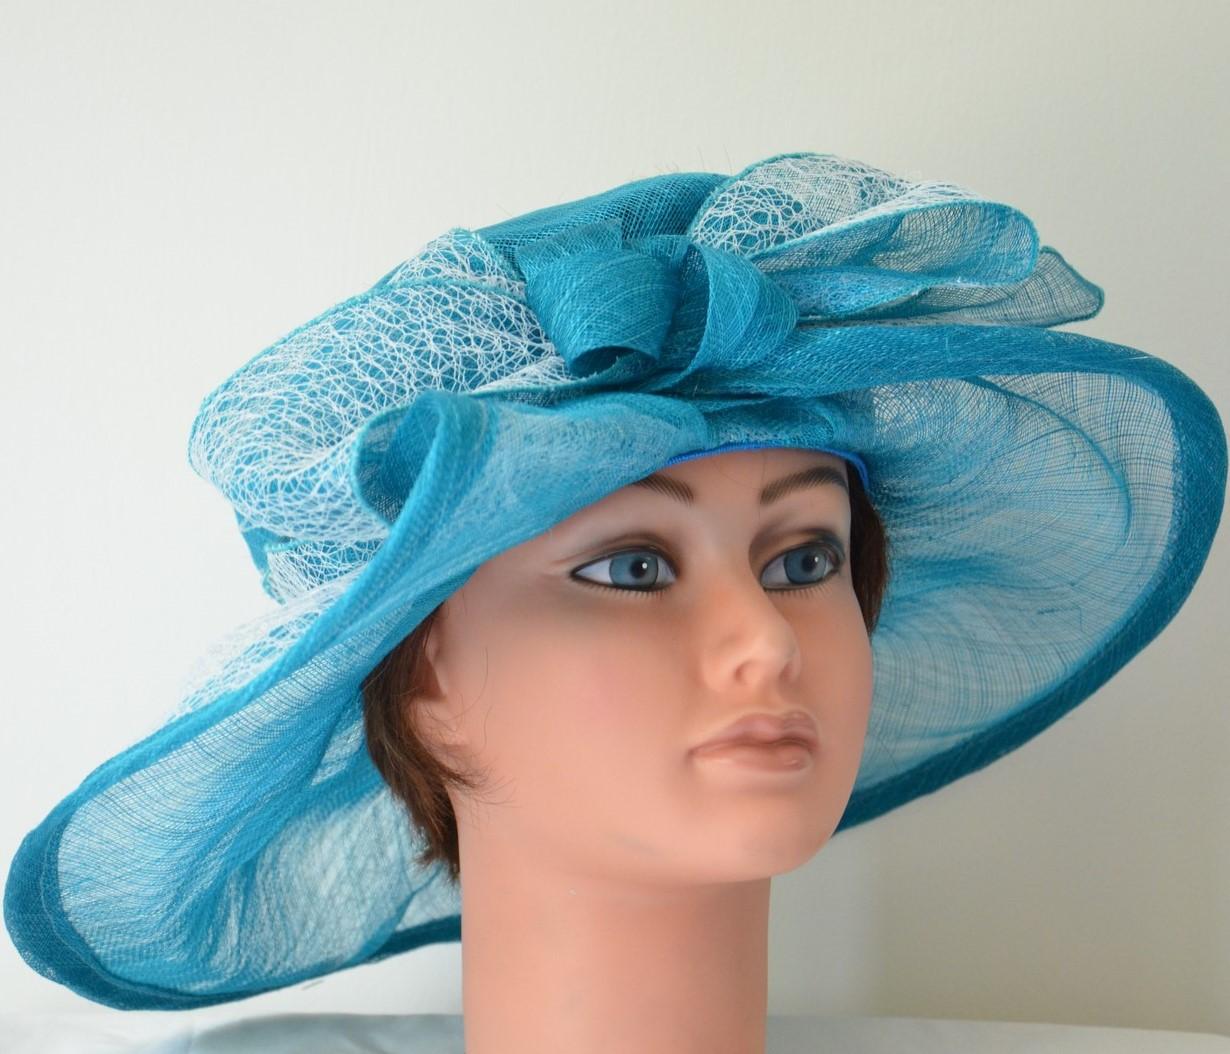 capeline-turquoise-dentelle-chic-beau-chapeau